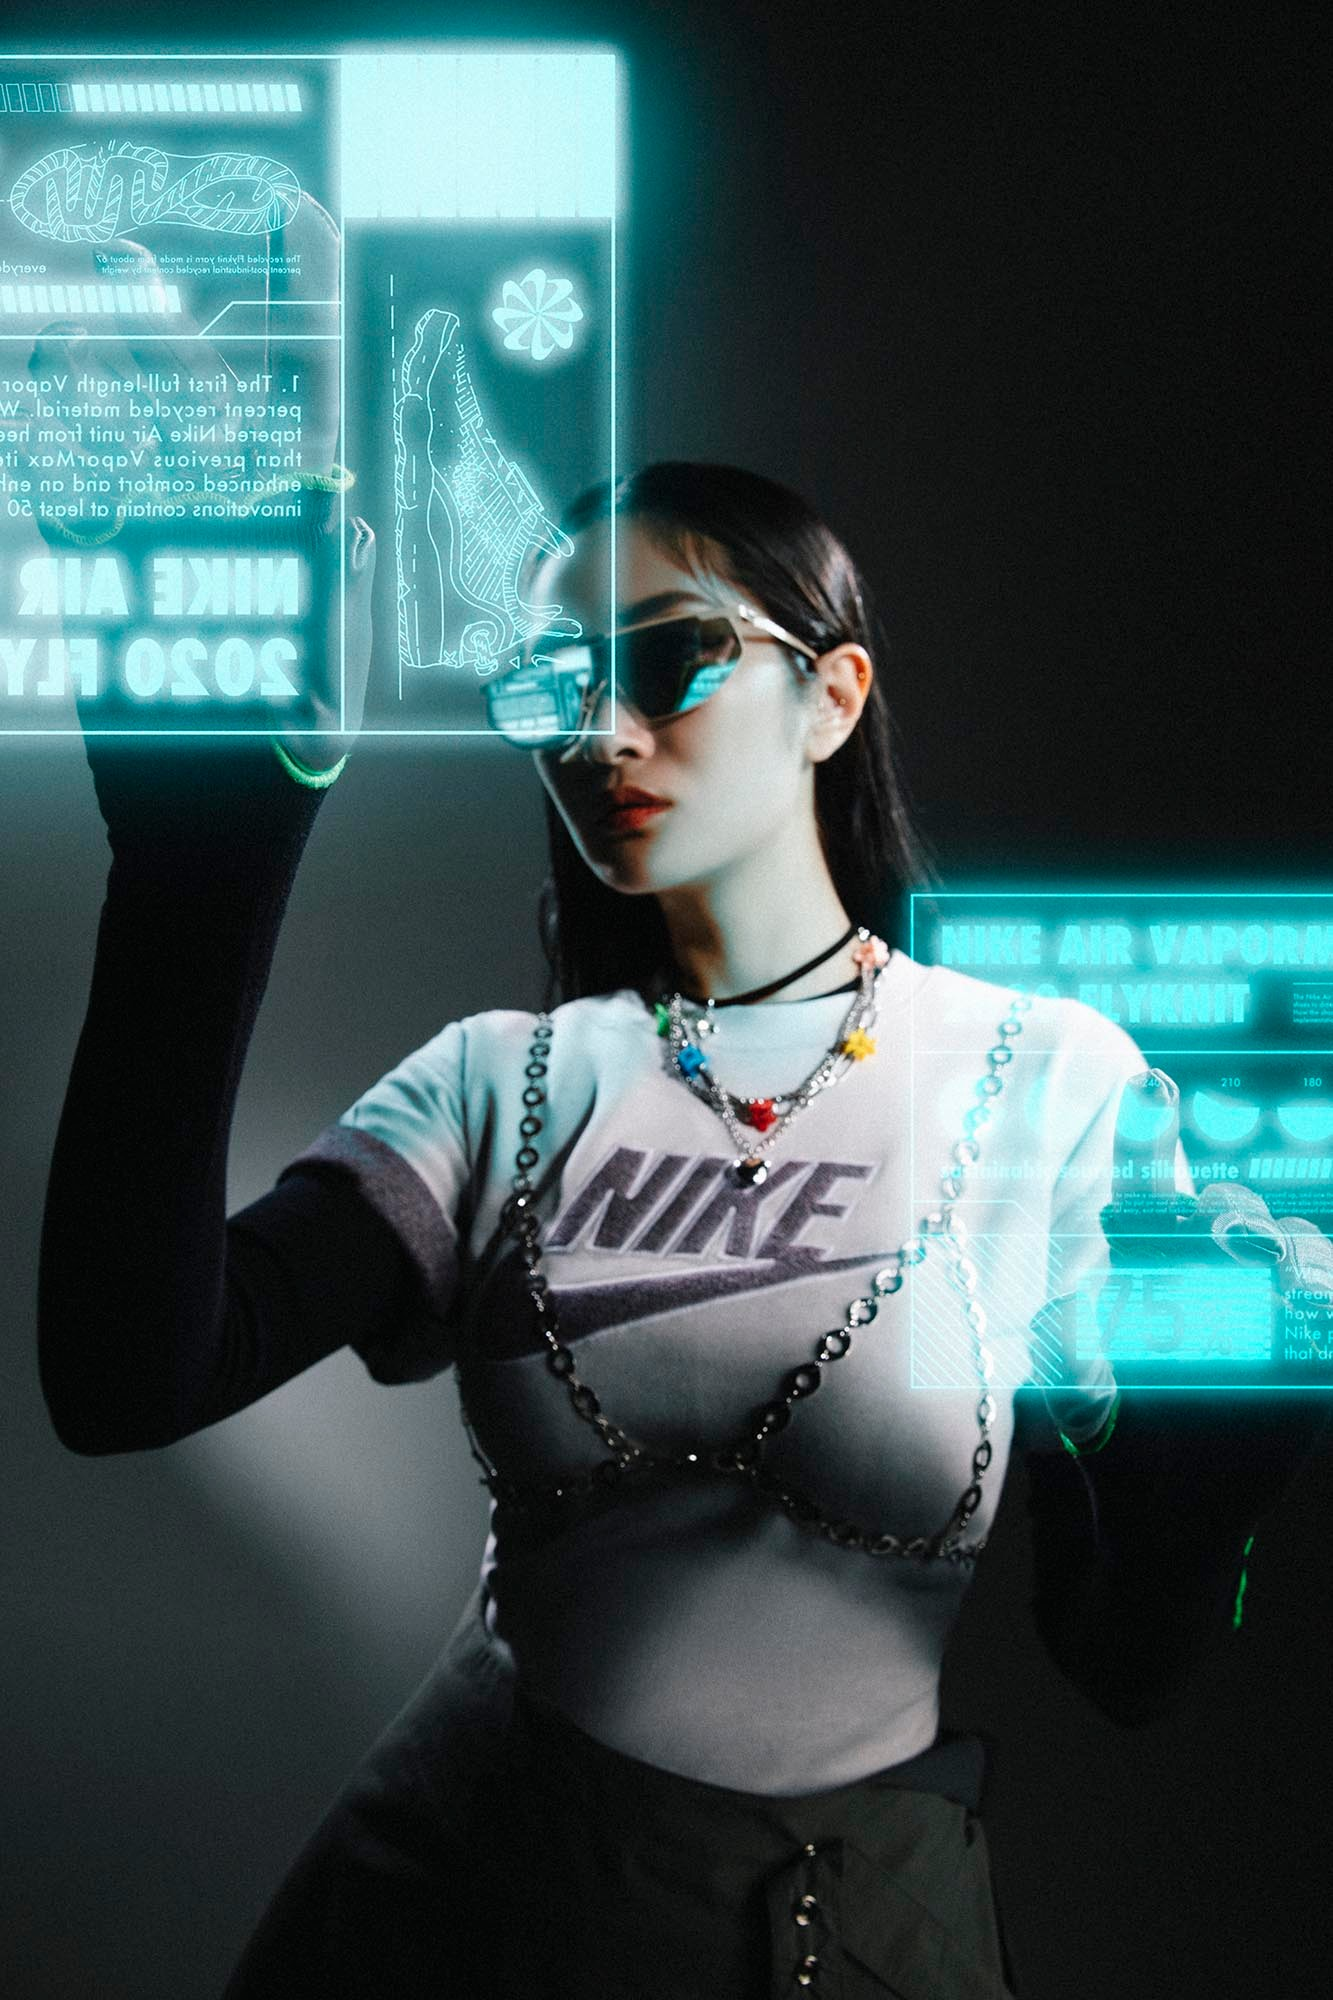 永續時尚的新趨勢 VaporMax 2020 與 Tequila 共同邁進